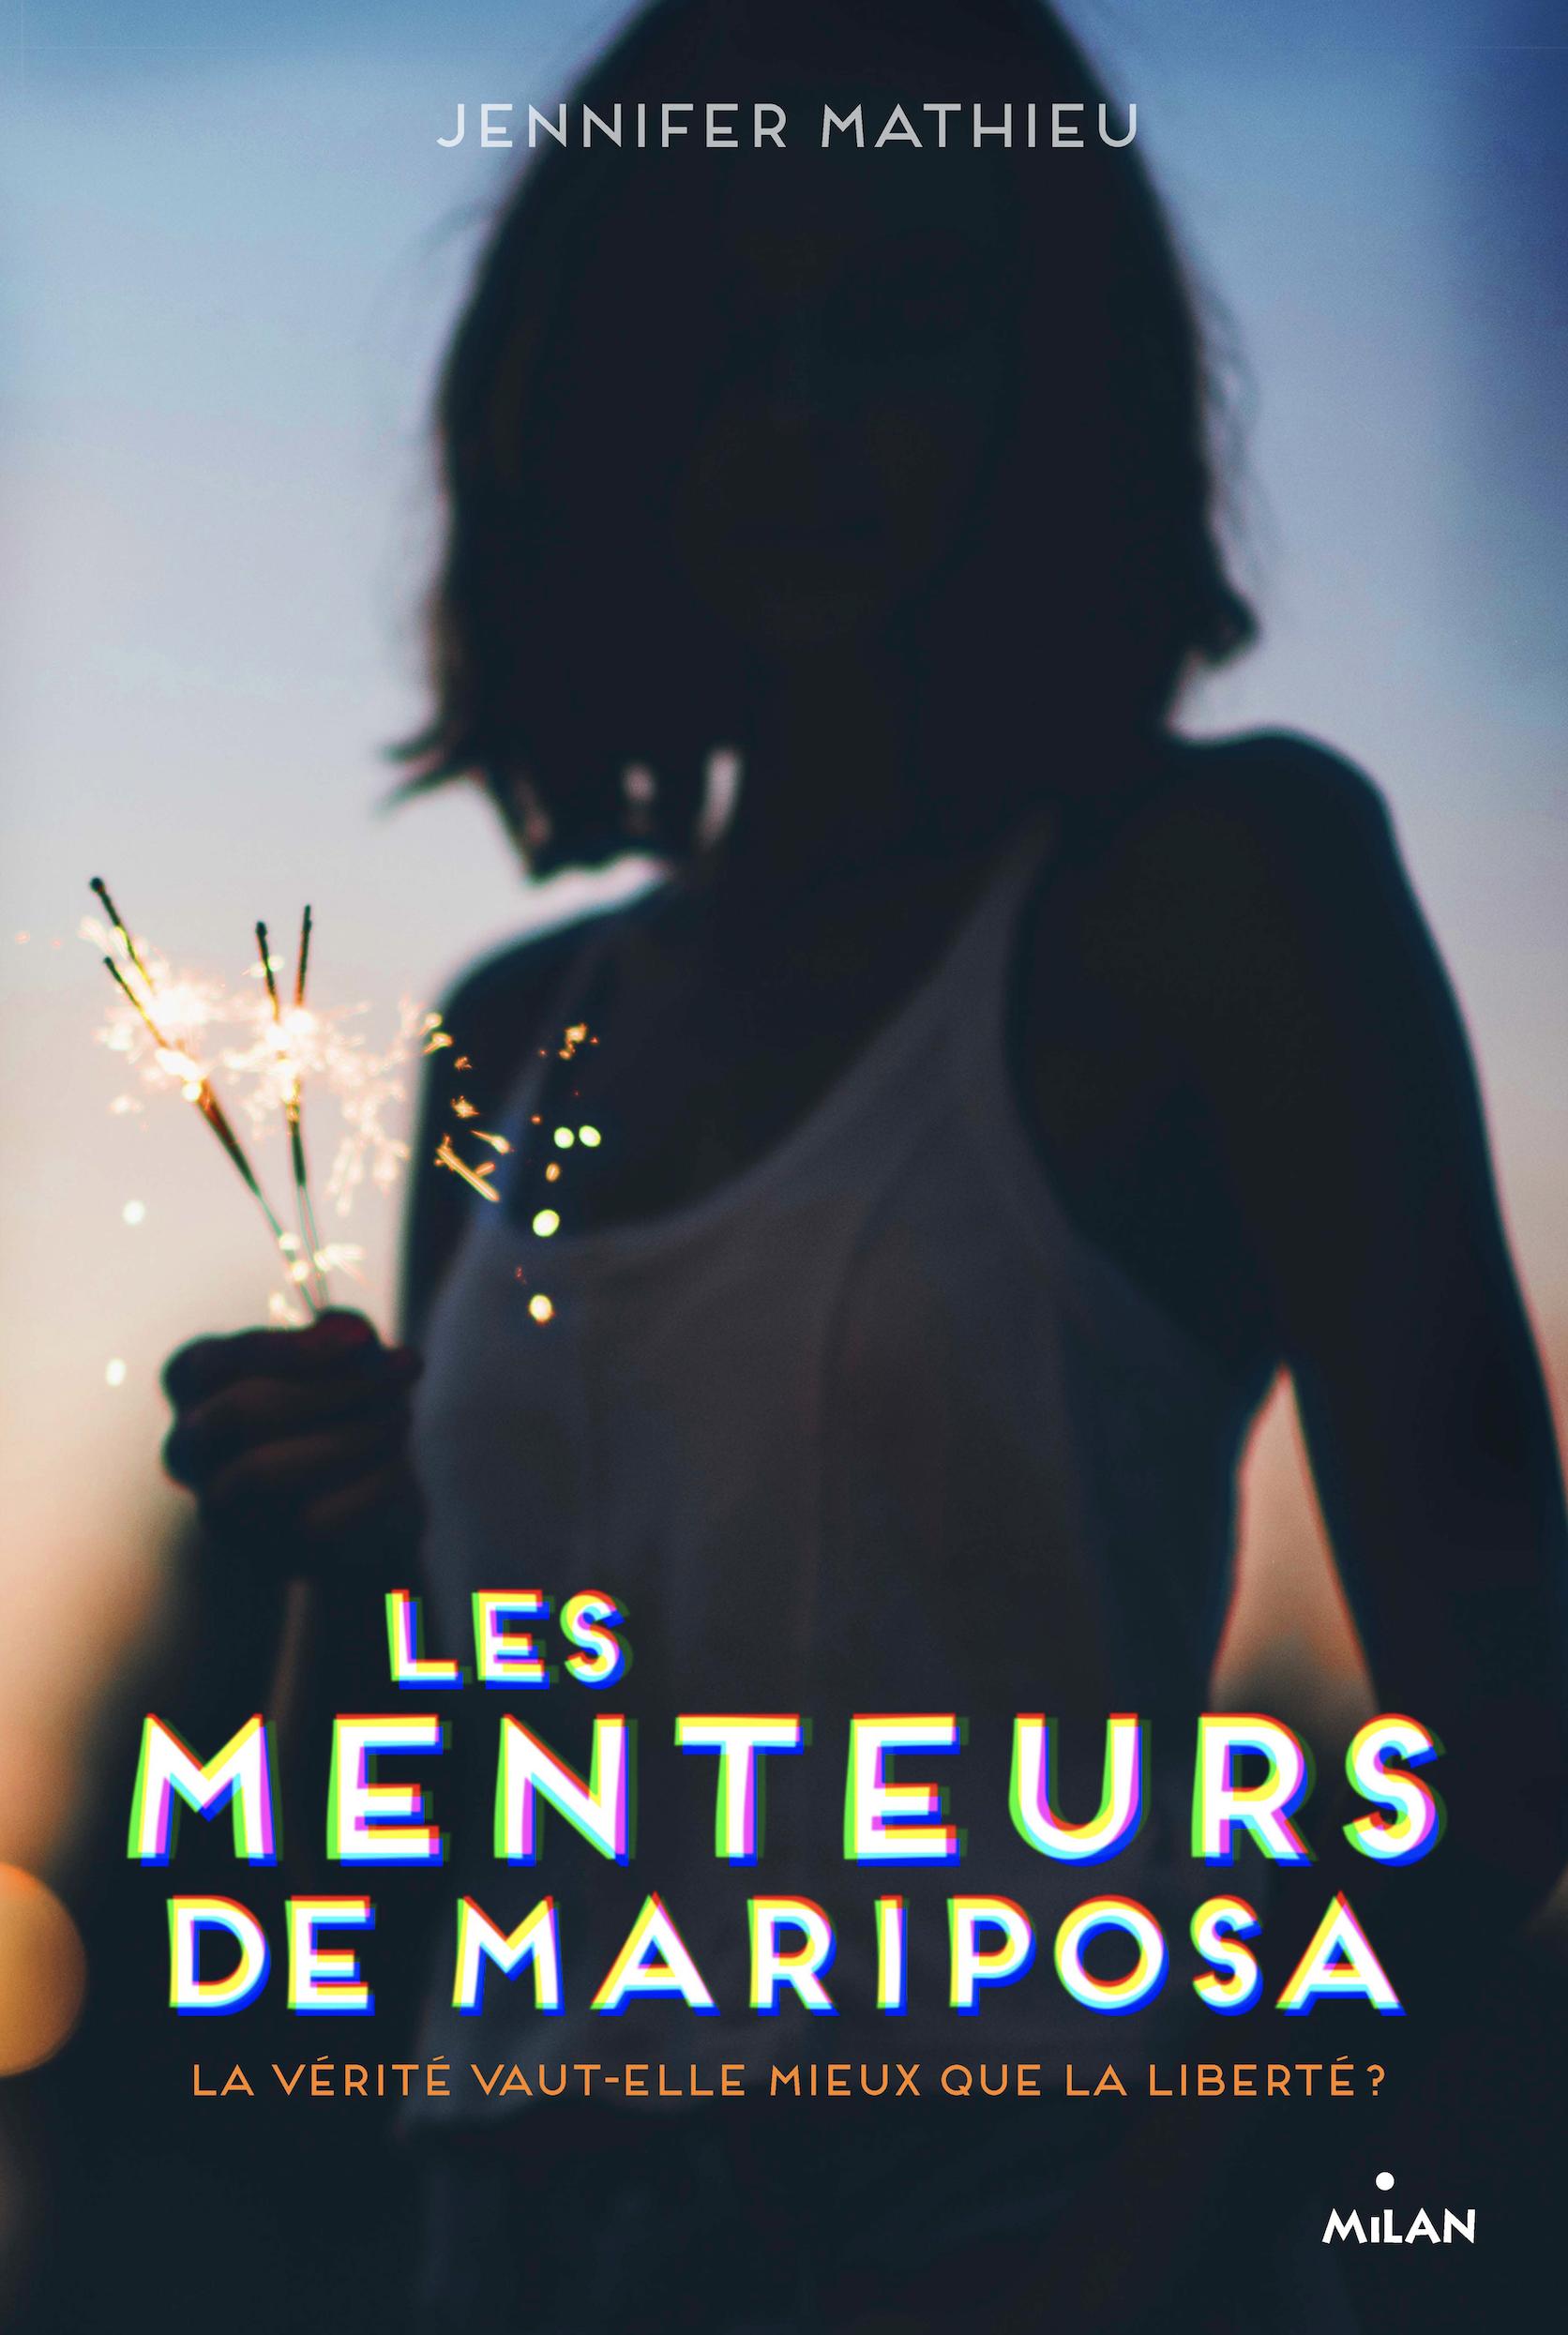 Image de l'article «Les Menteurs de Mariposa de Jennifer Mathieu»